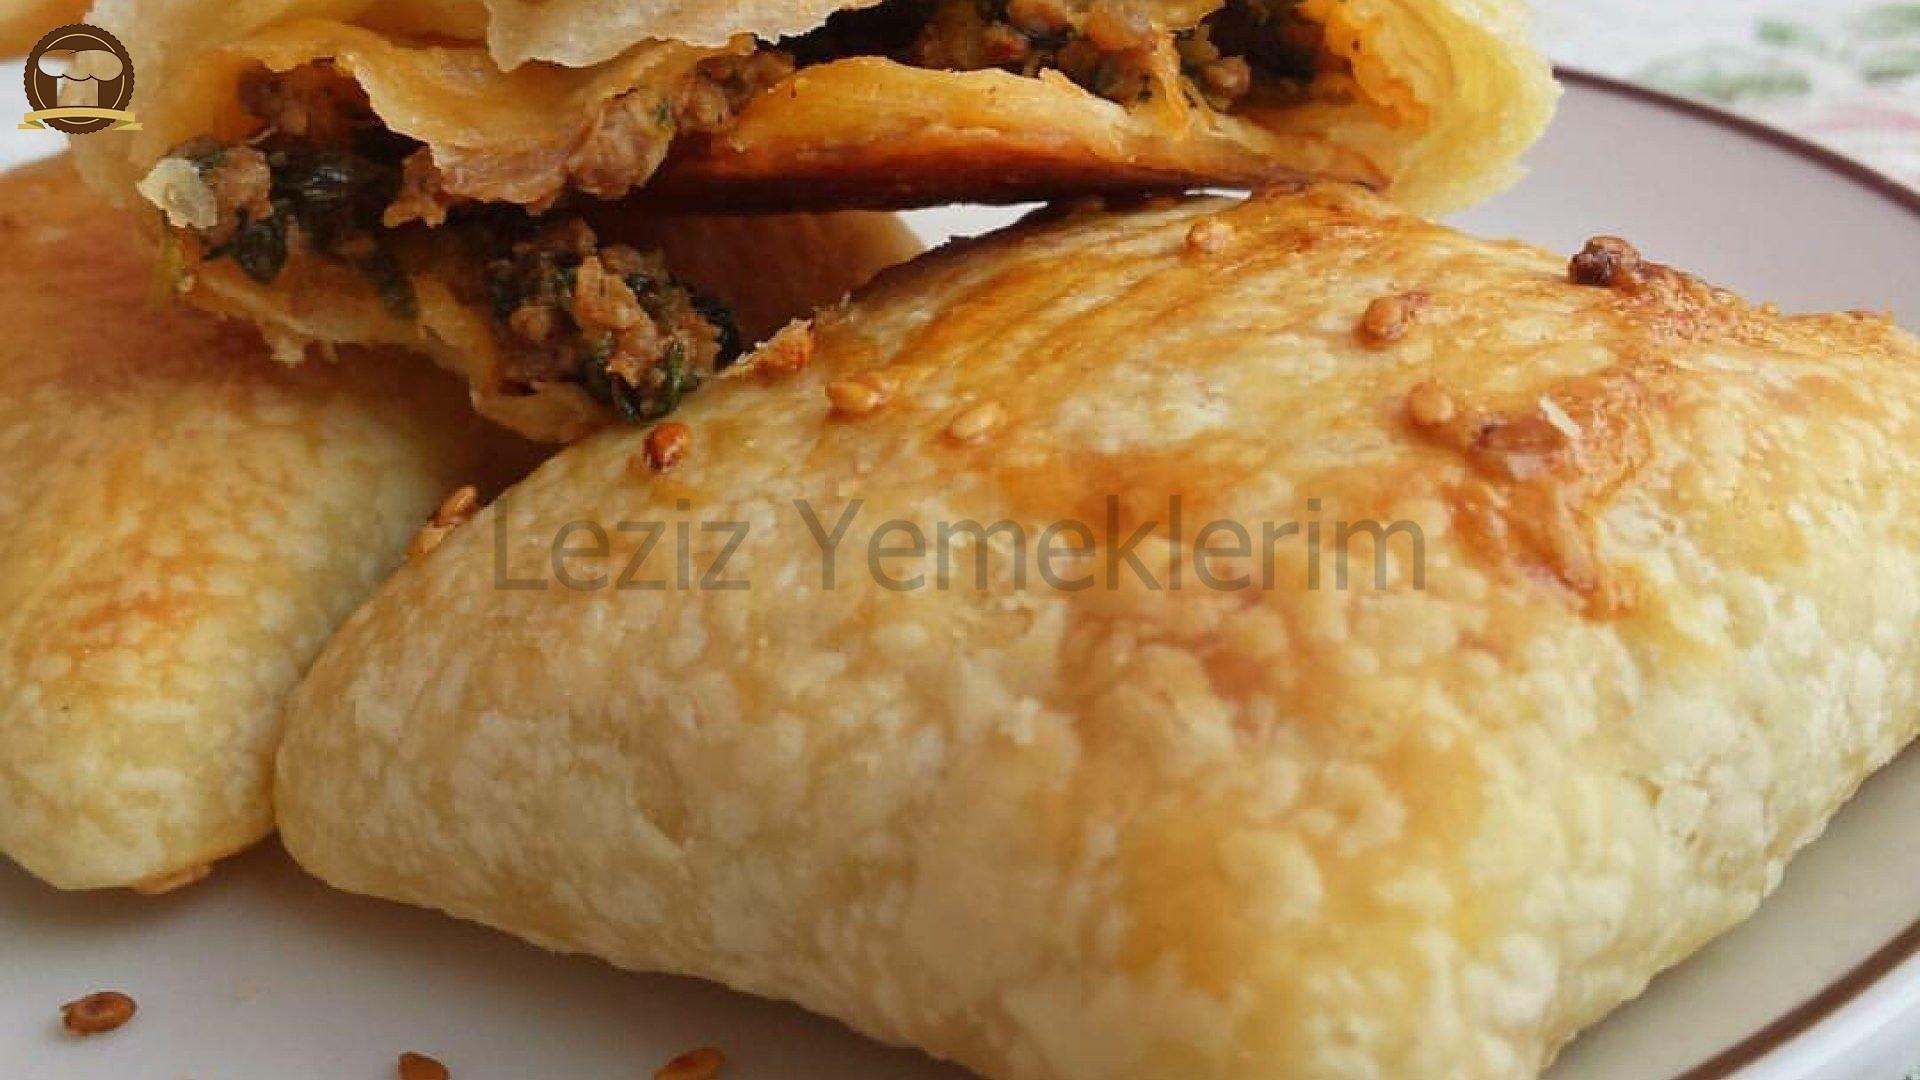 Sembusek Böreği Tarifi – Börek Tarifleri